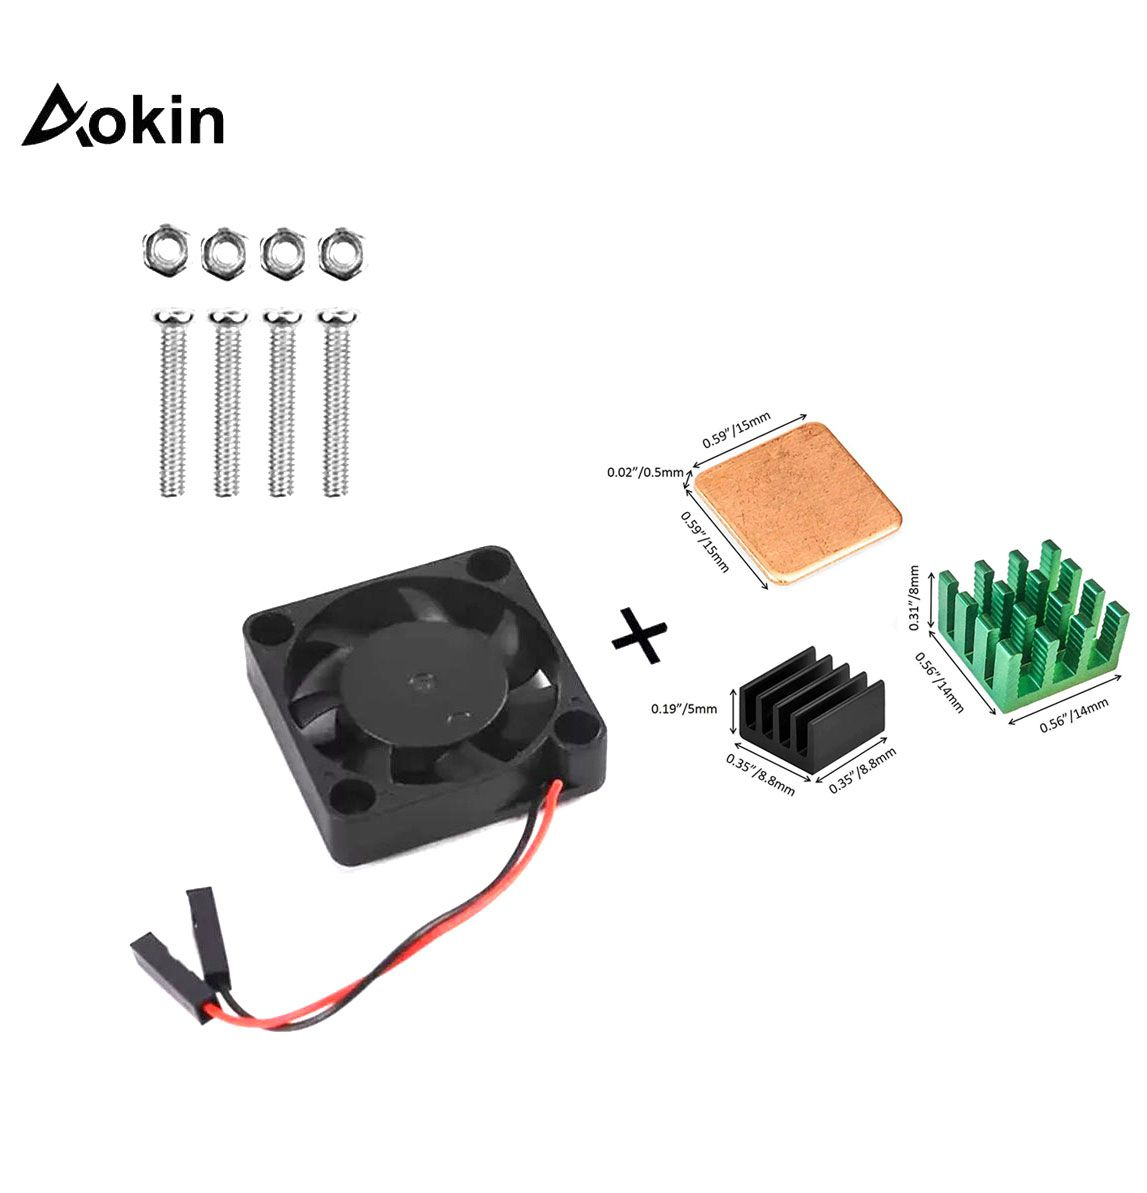 Kit Mini Cooler 30 x 30 x 7mm Raspberry + 3x Dissipadores